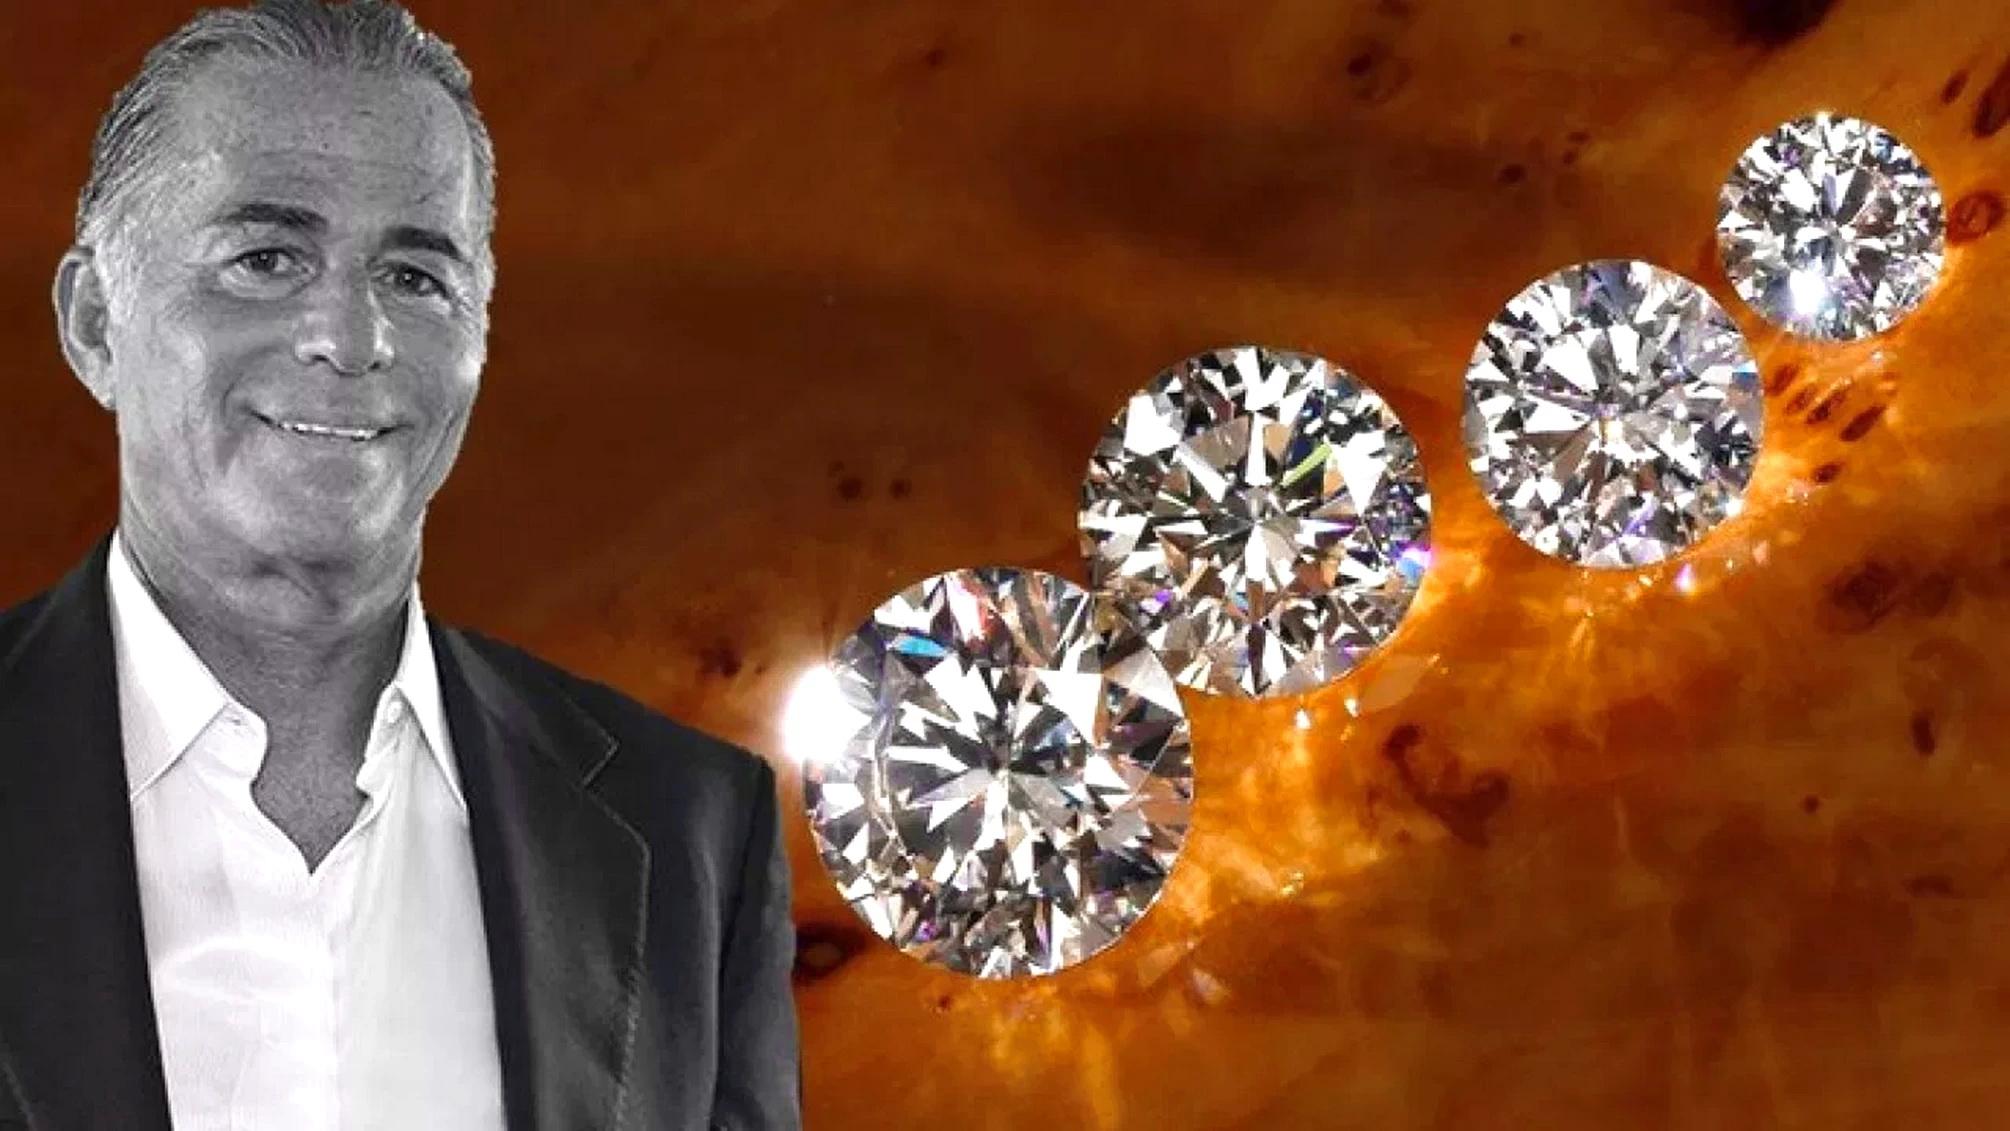 Muore durante intervento chirurgico per ingrandire il pene 'Re' dei diamanti